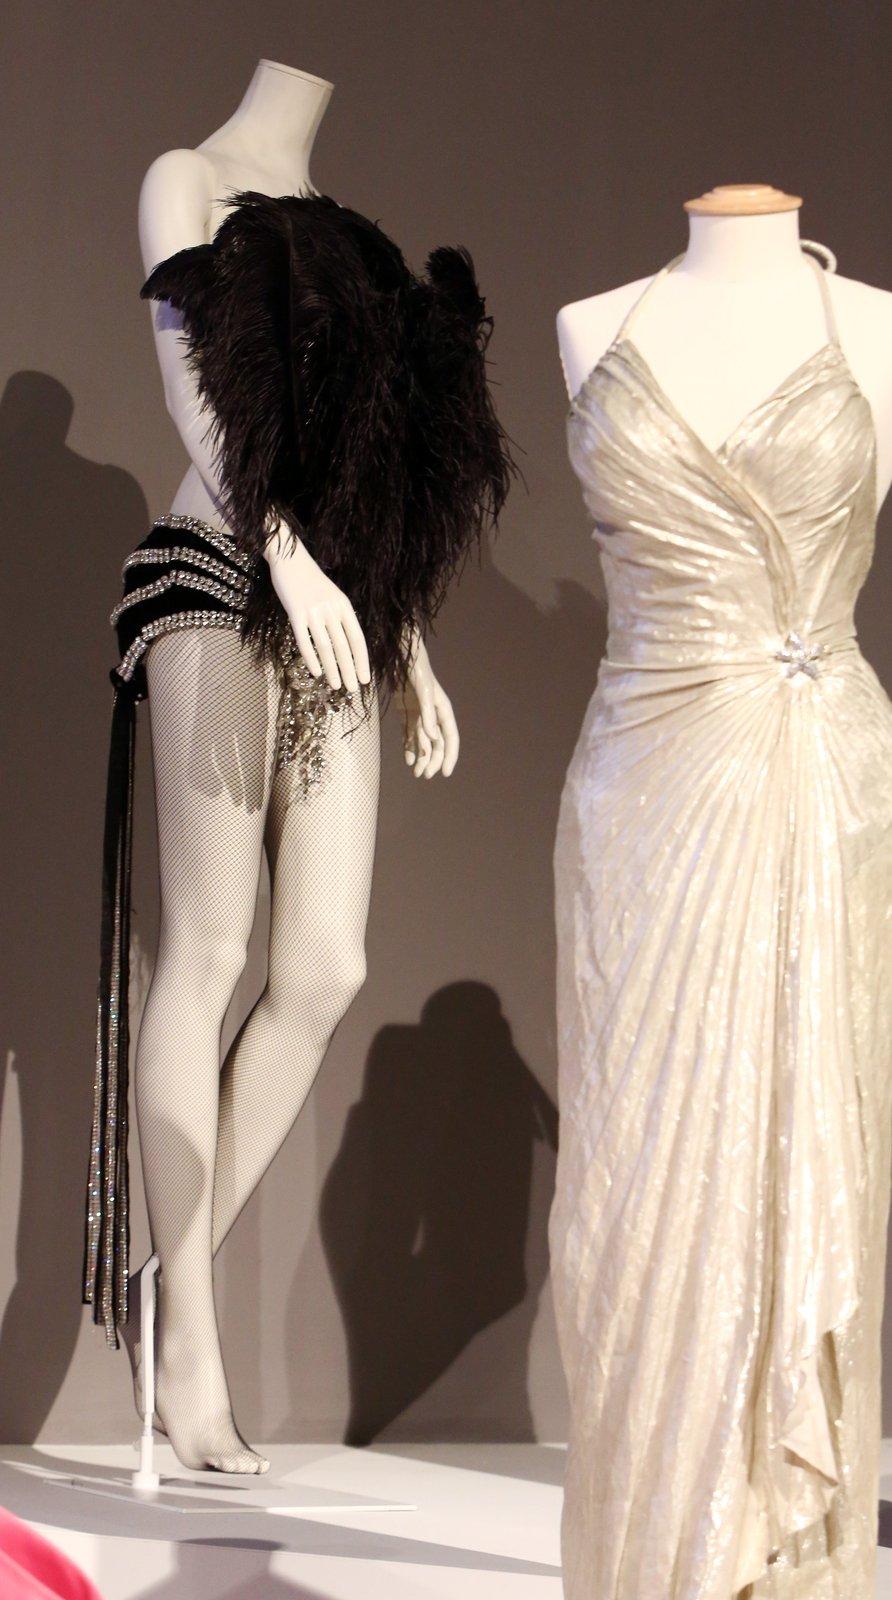 Lechtivý obleček pro film Páni, mají radši blondýnky se vyráběl několik měsíčku a už v roce 1953 stál 4000 dolarů, tedy 80 000 korun!!! Nakonec se ve filmu ale vůbec neobjevil!